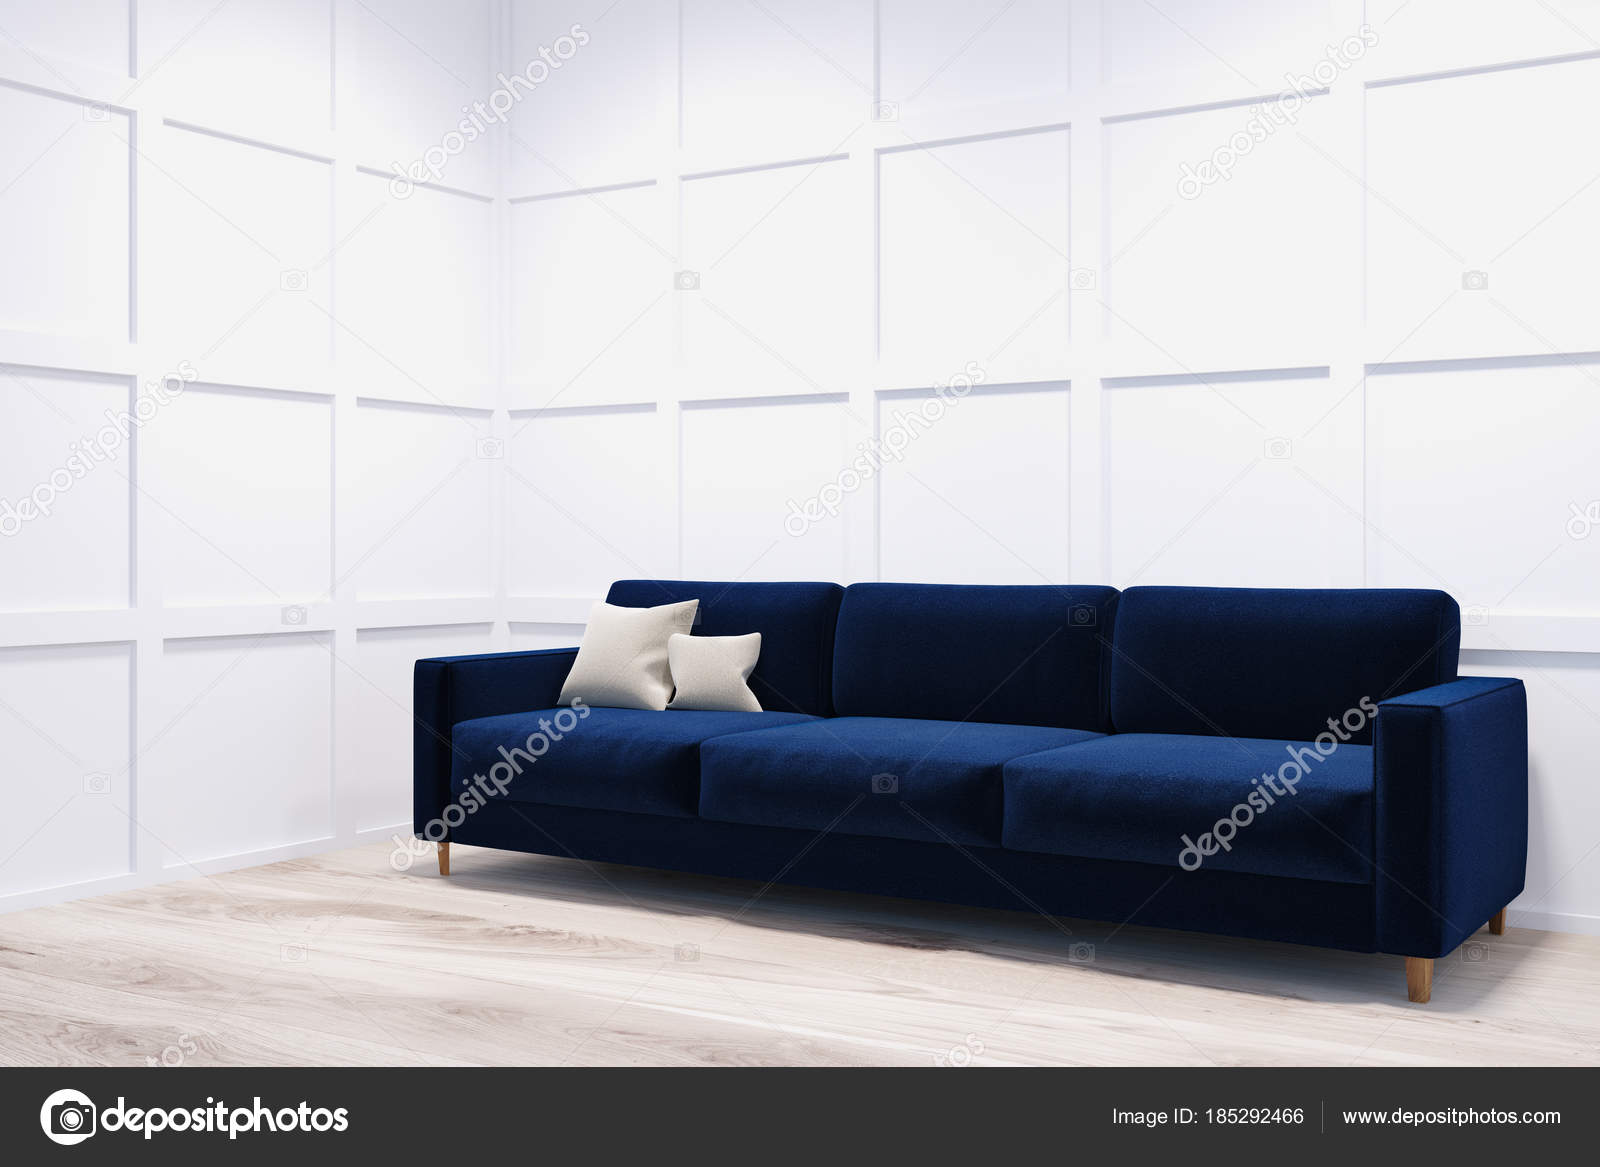 Sof Azul Escuro Em Um Canto Do Quarto Branco Fotografias De Stock  -> Estofados De Canto Confortavel Para Sala Pequena